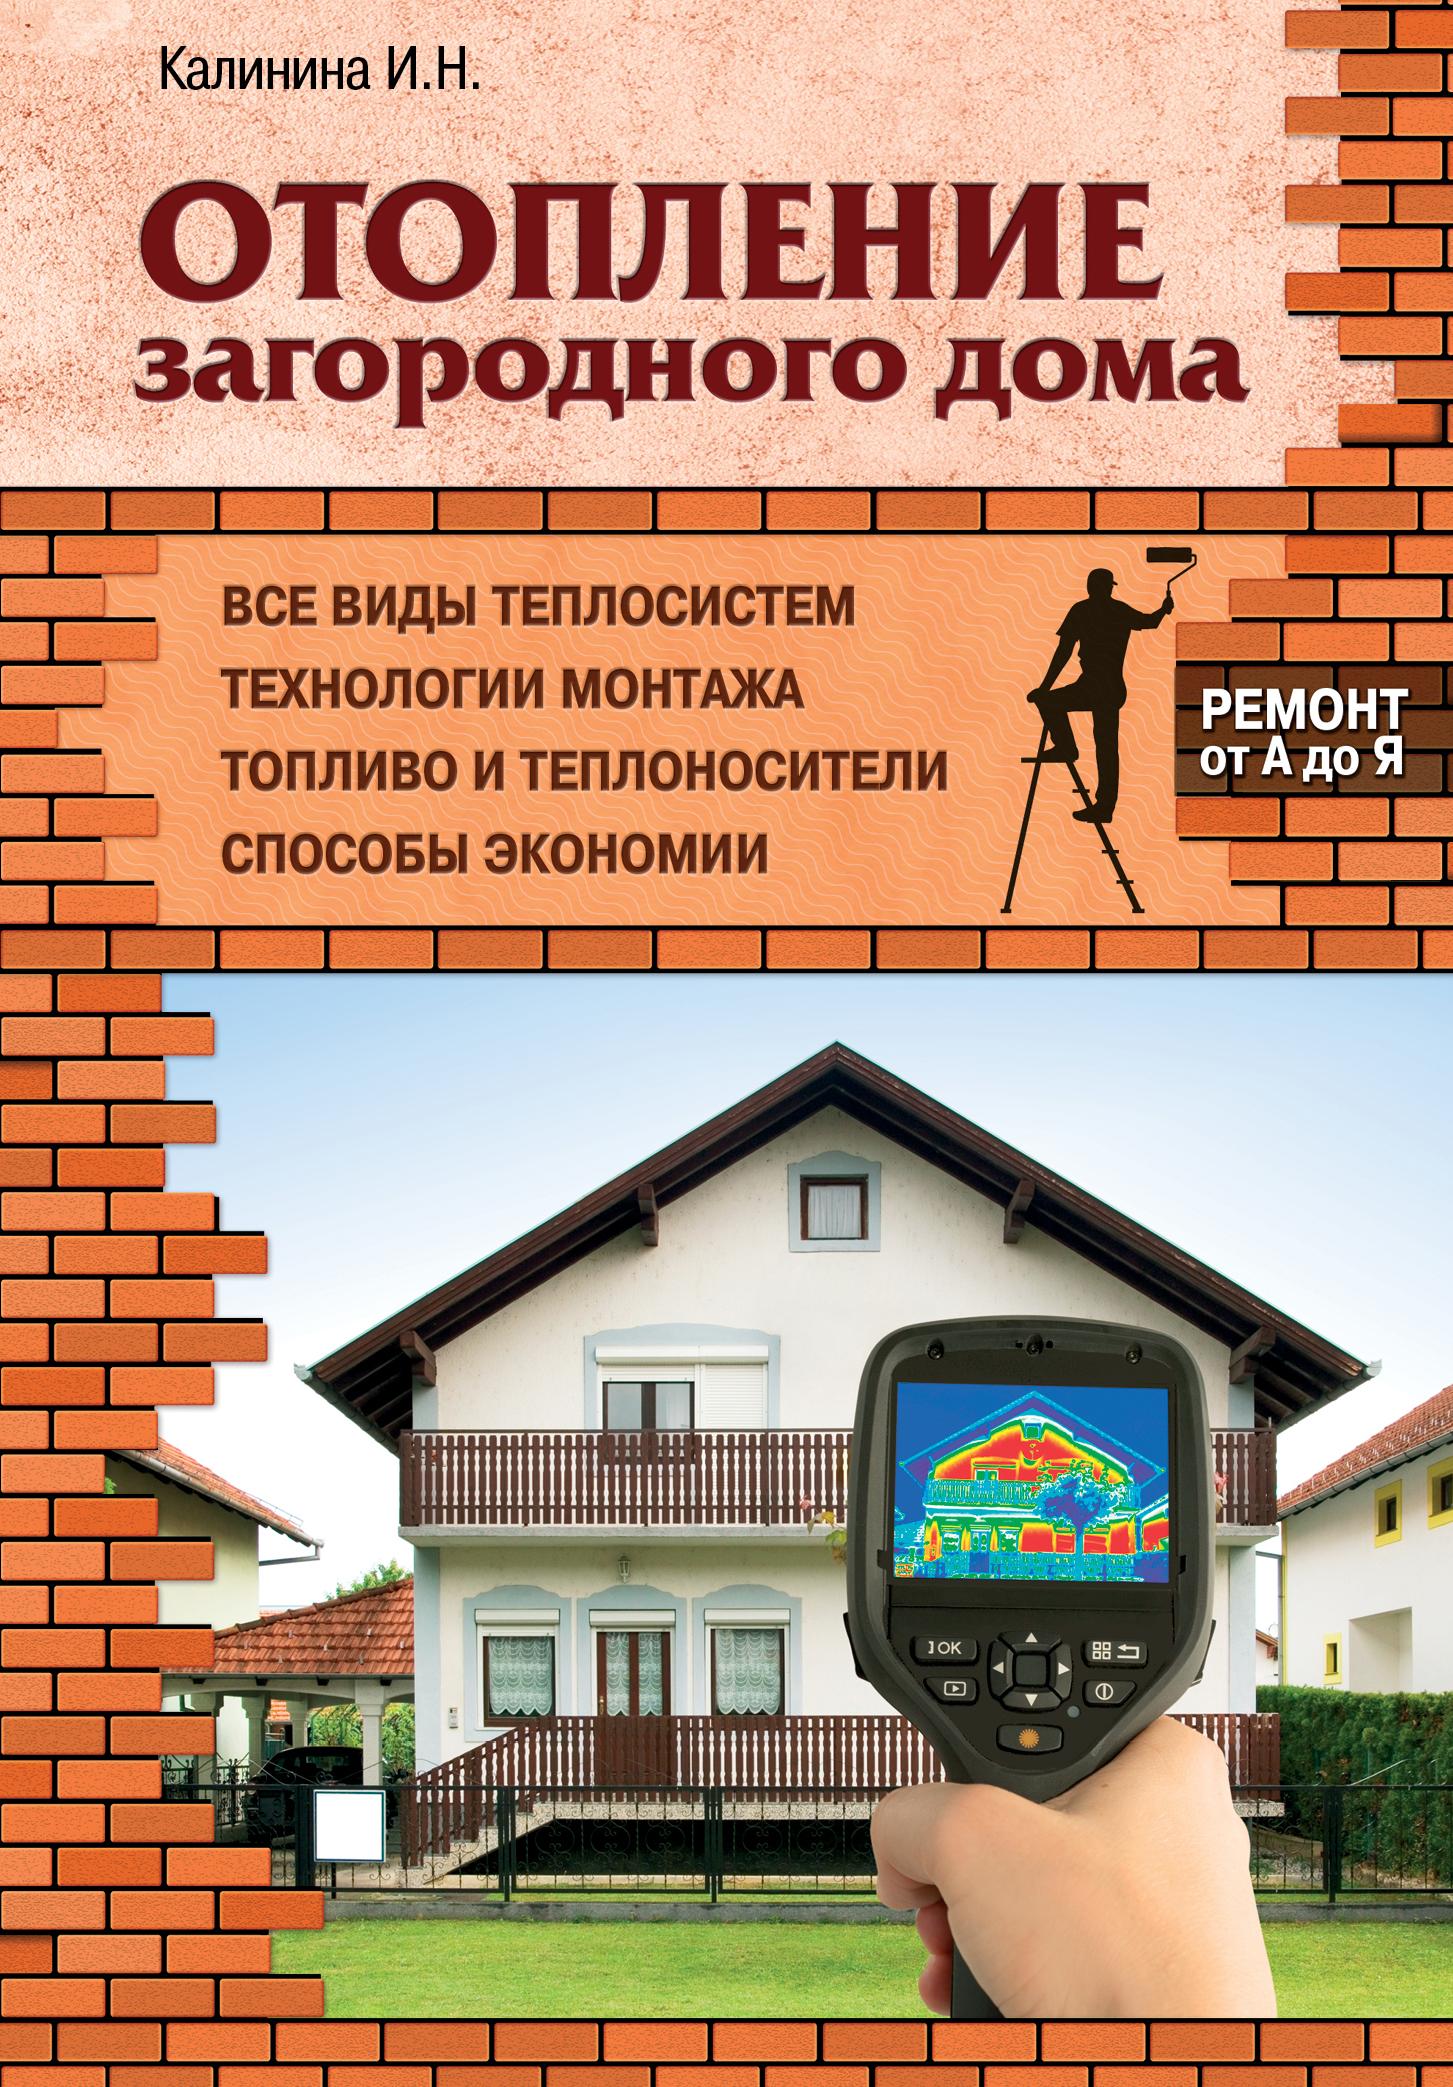 Калинина И.Н. Отопление загородного дома